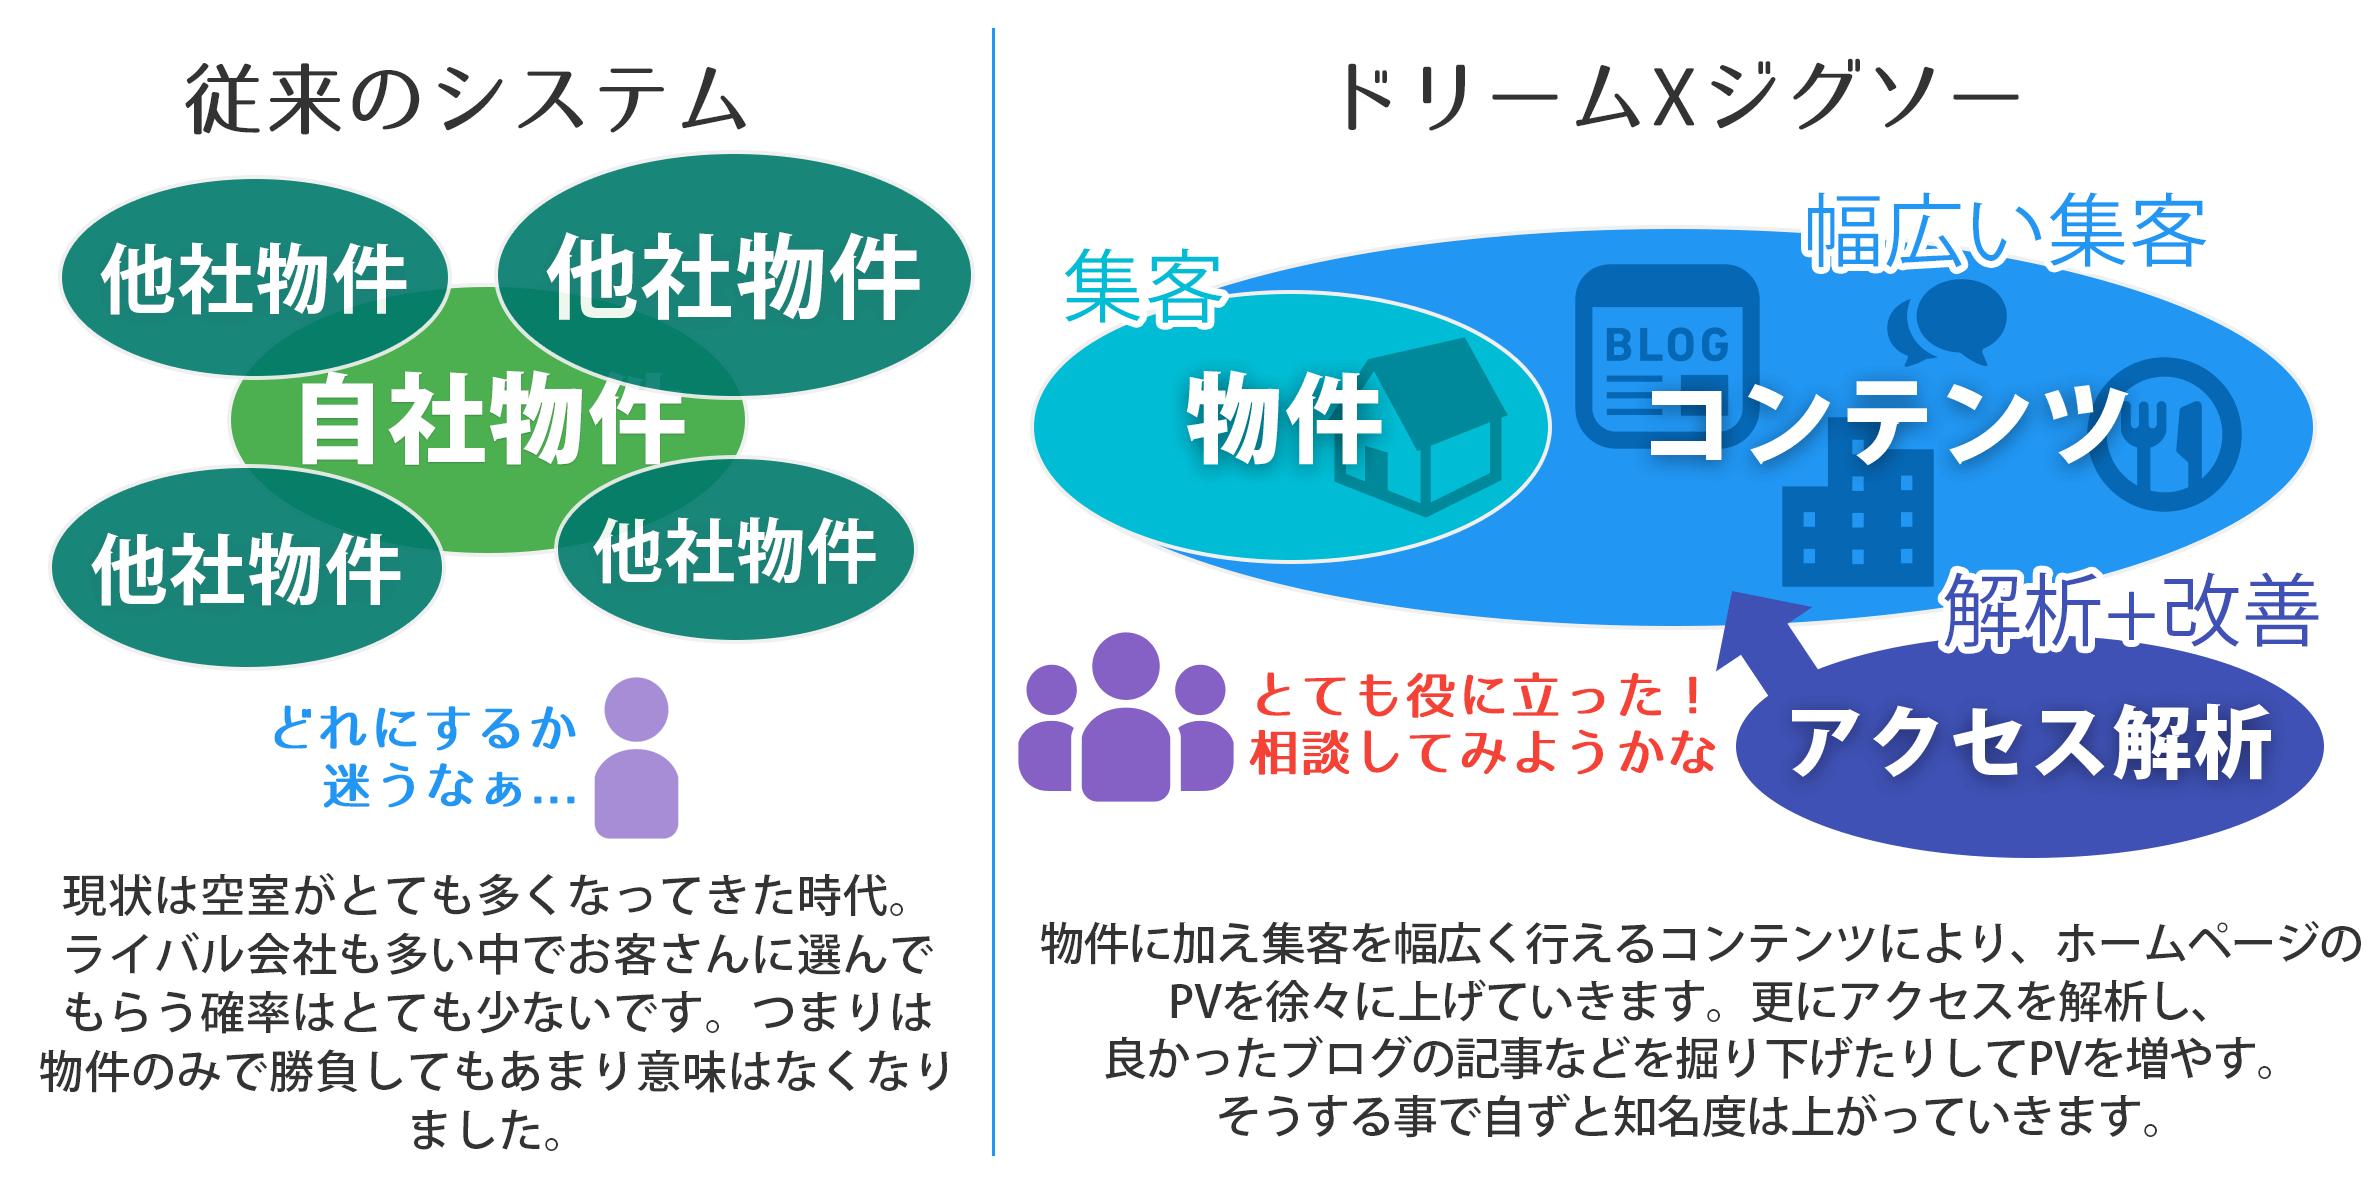 従来のシステムとドリームXの比較イメージ図